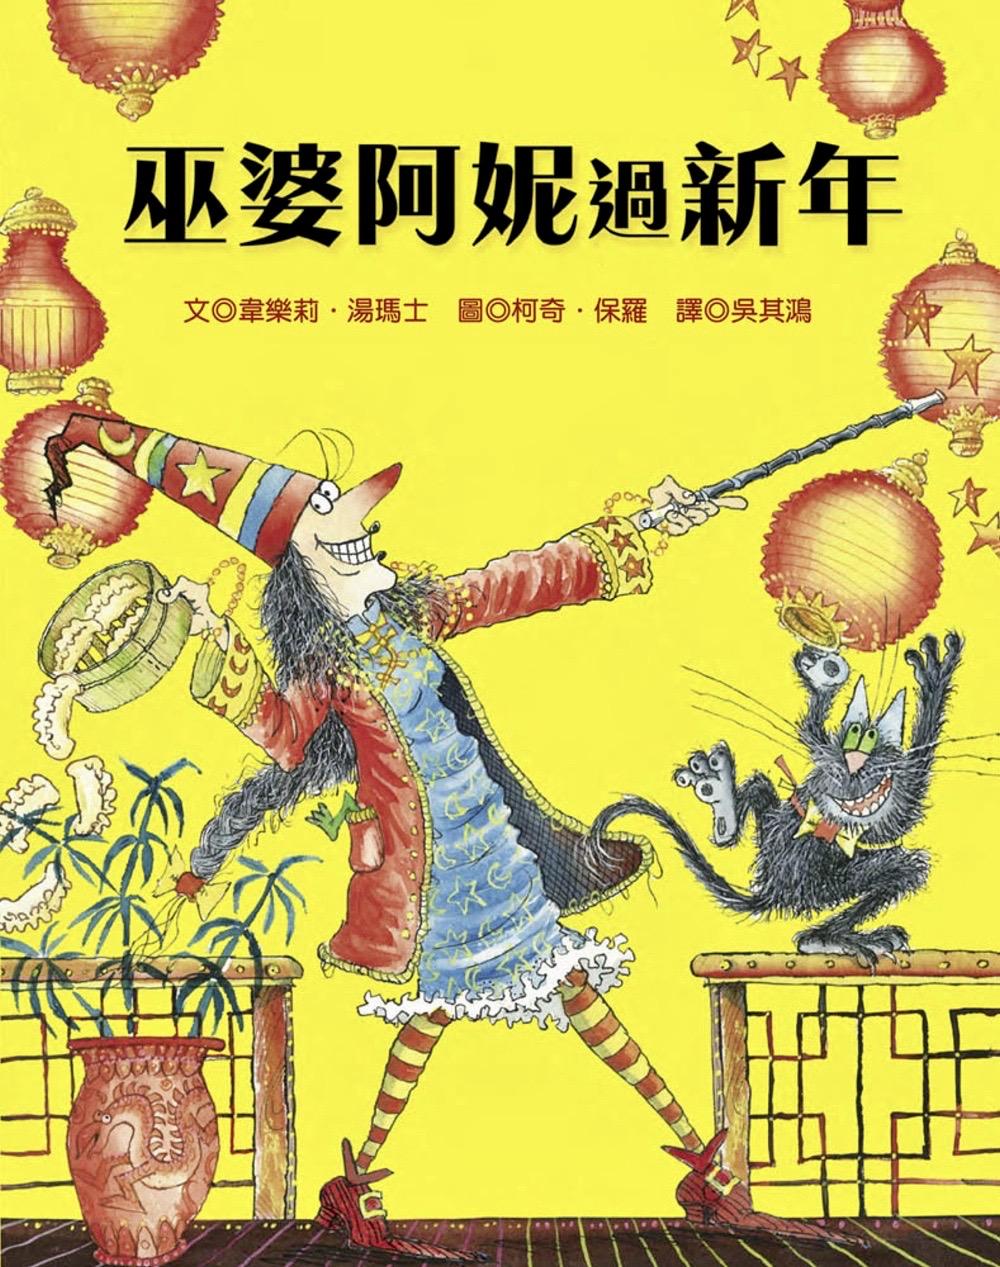 《蘇菲說故事》127 巫婆阿妮過新年